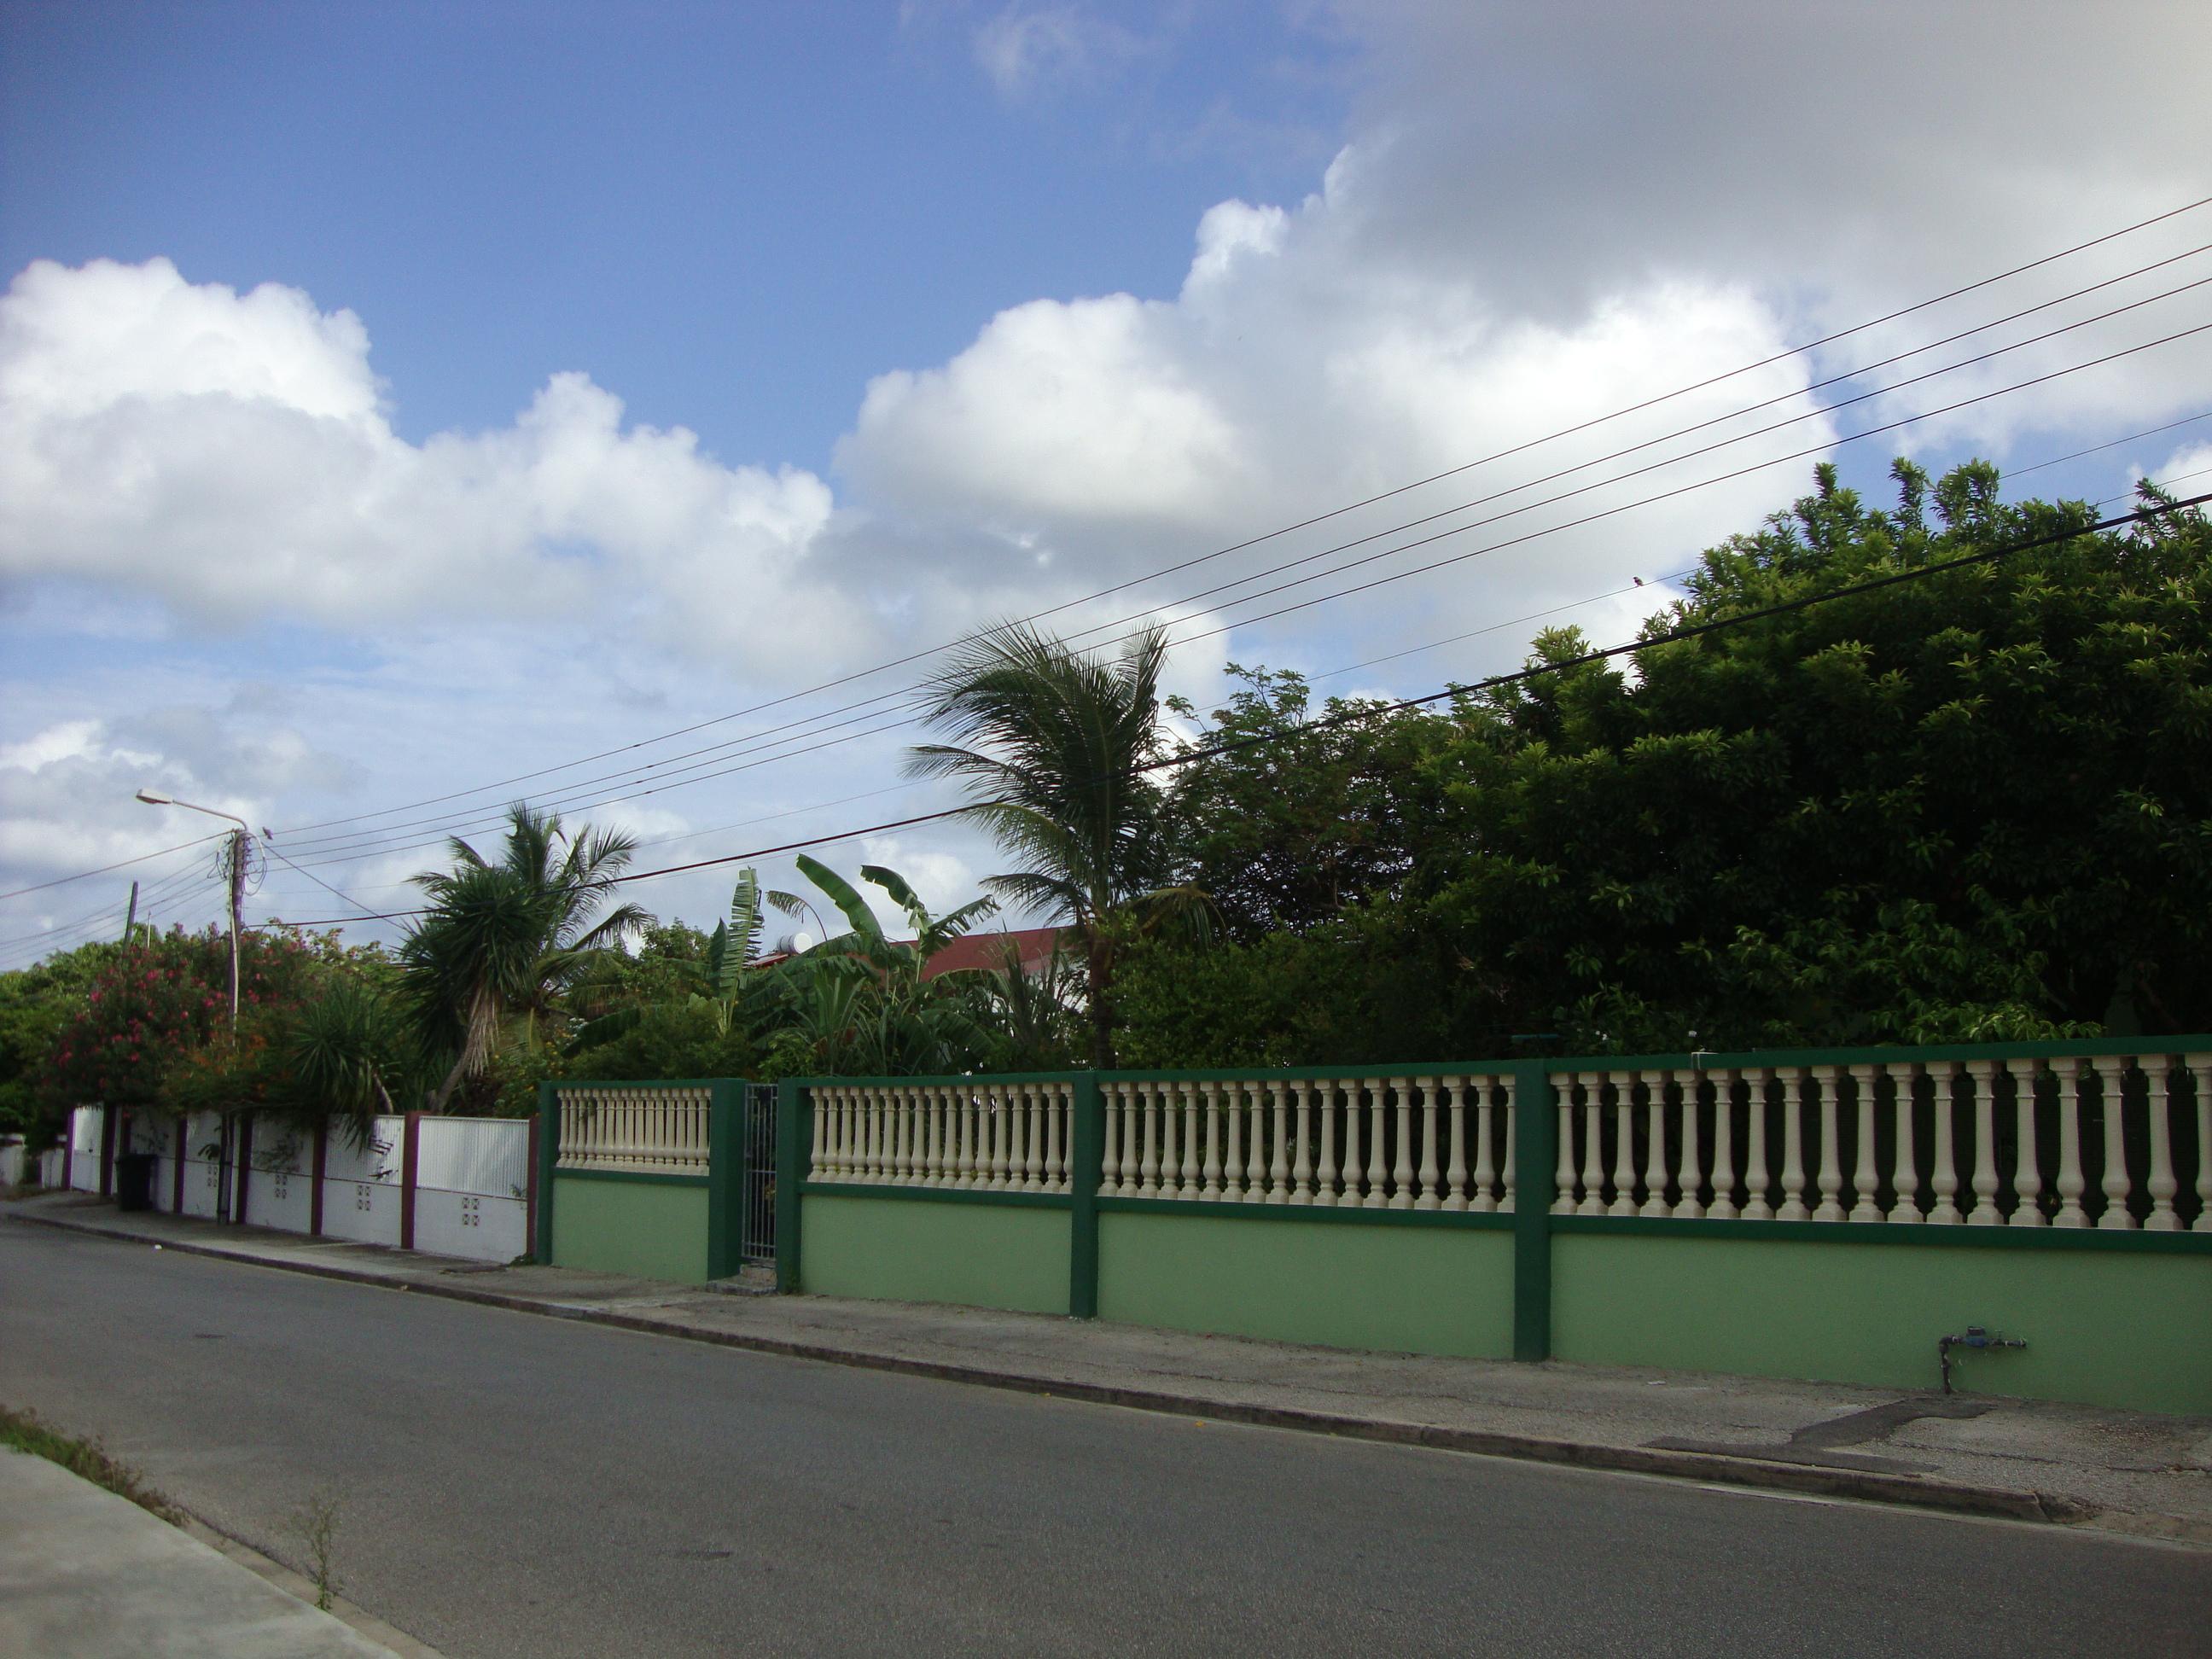 vista de uma rua